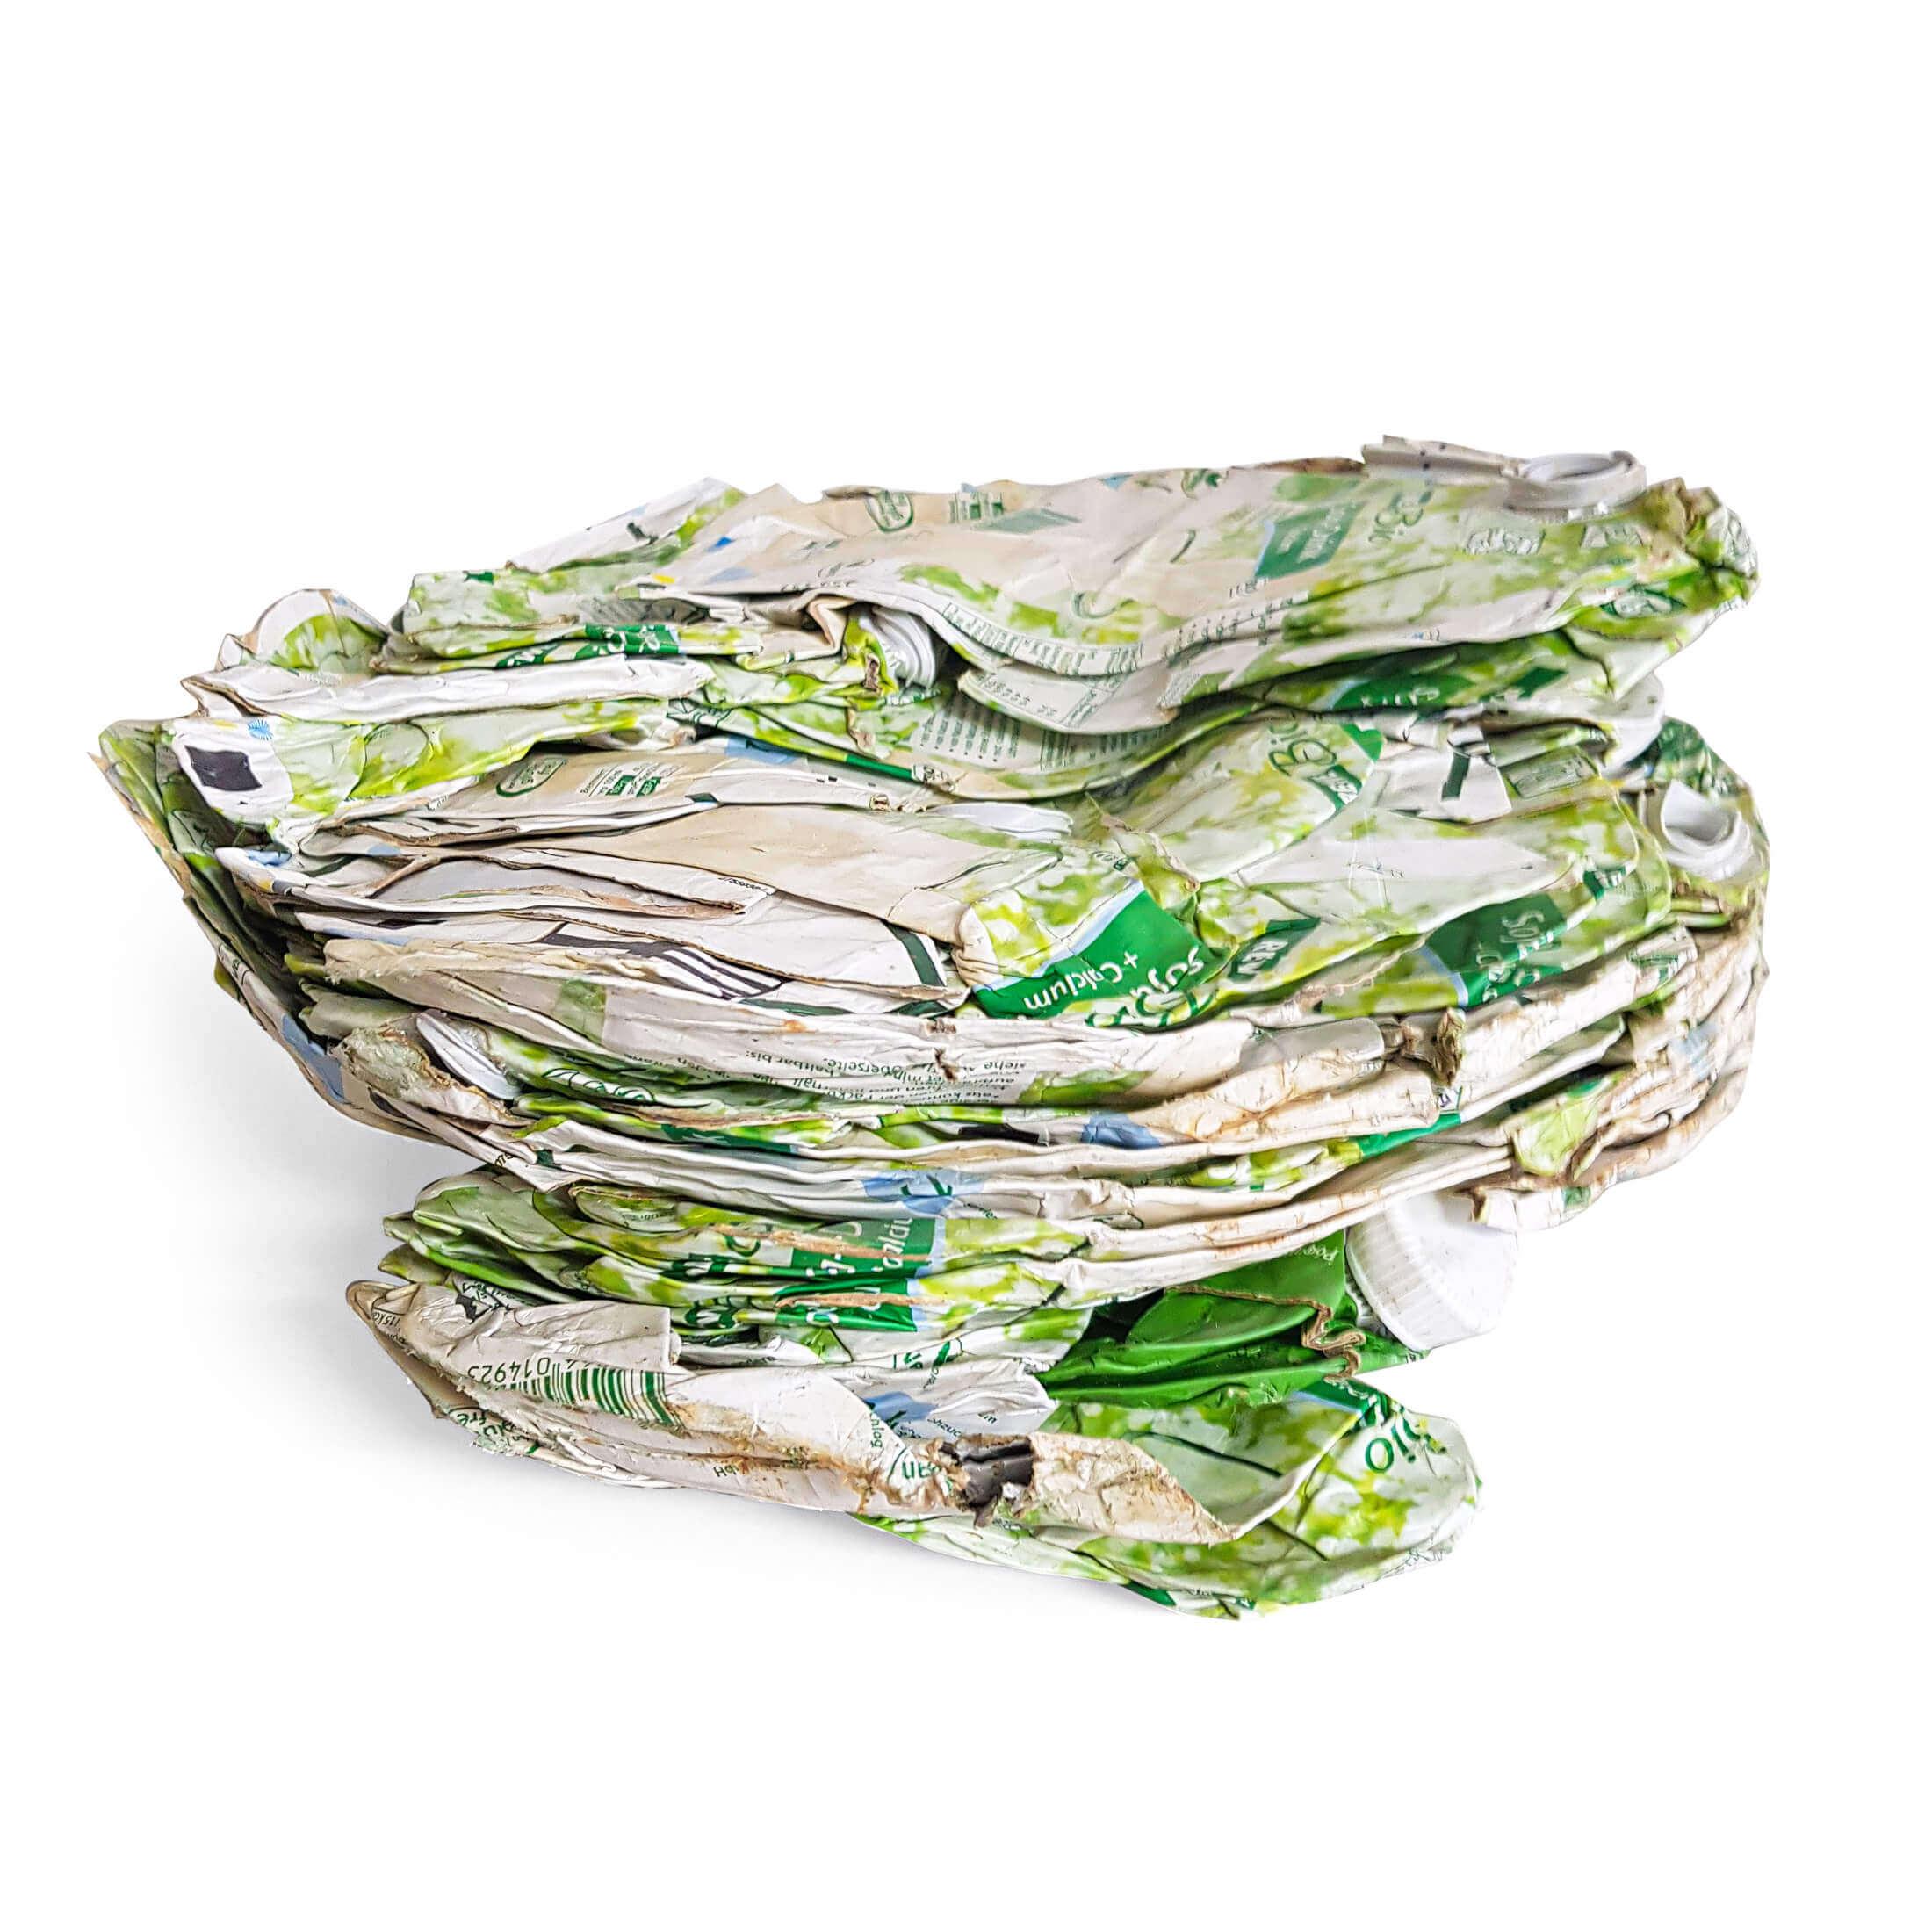 Entwässerte Biomilch Verpackung